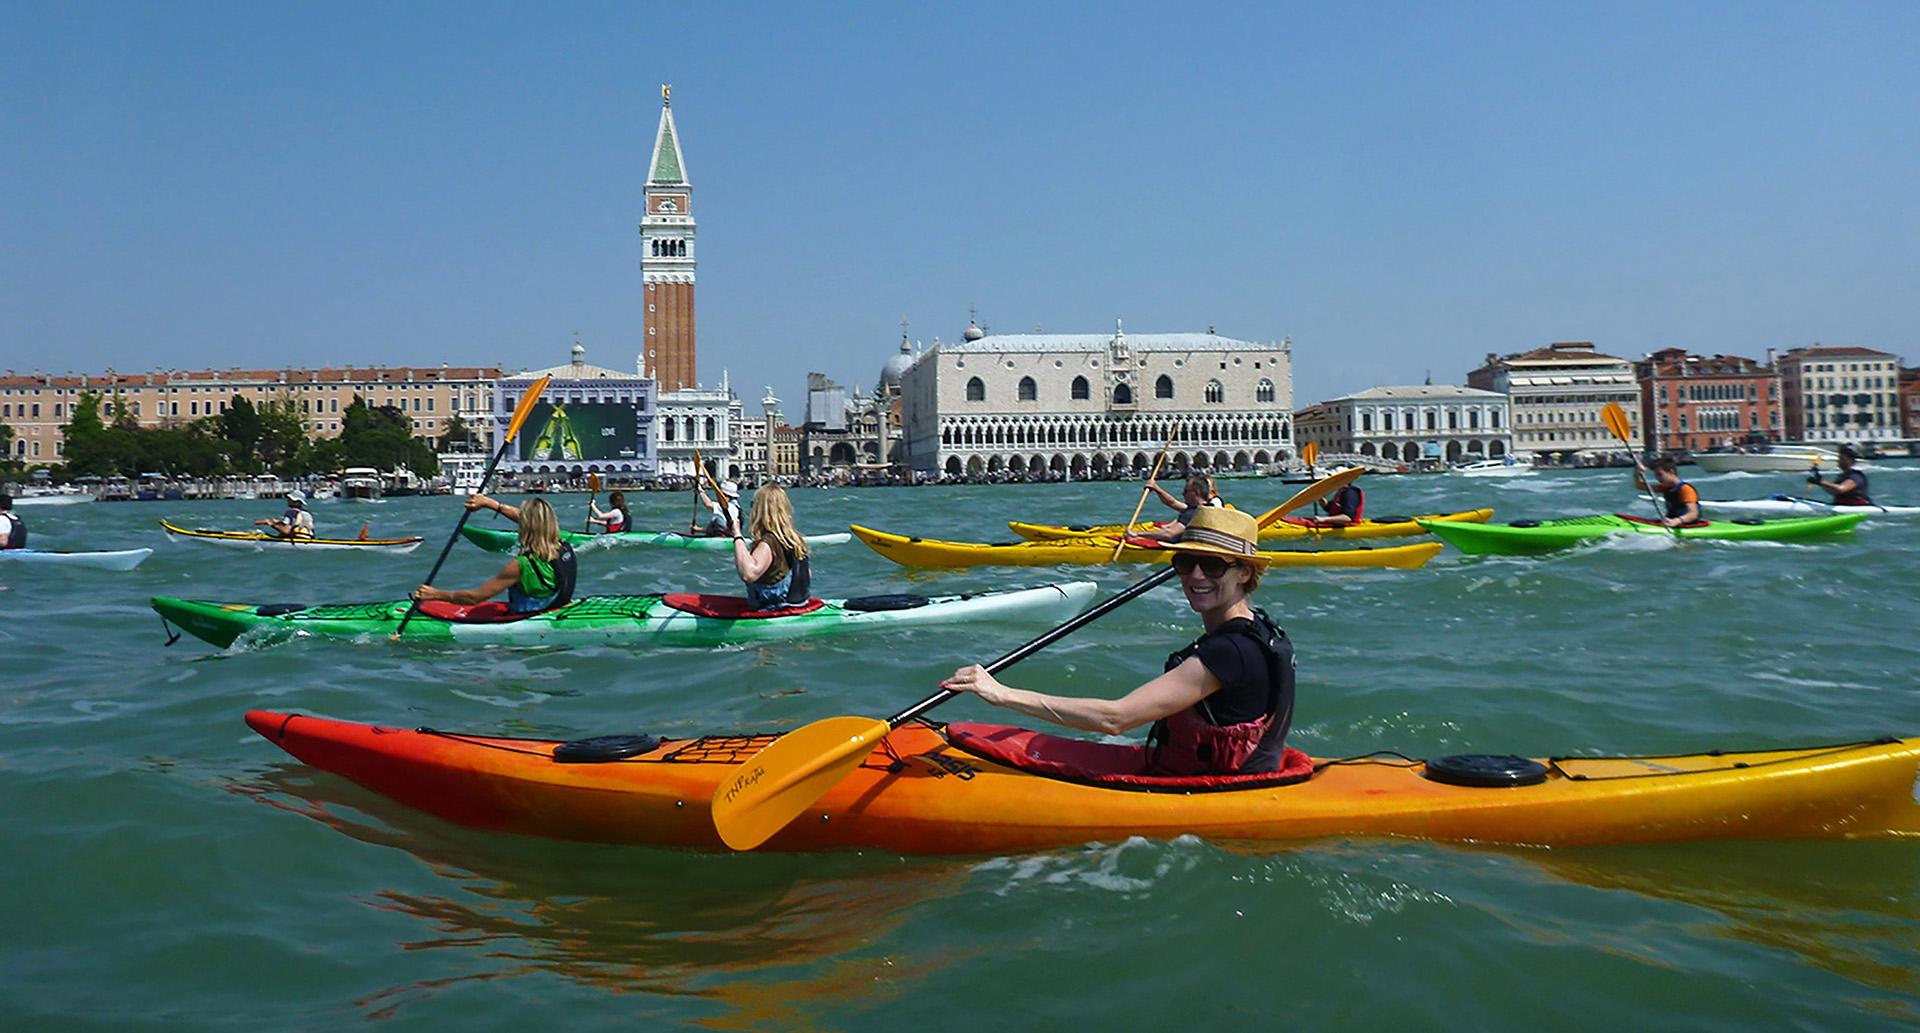 Гранд-канале Венеция